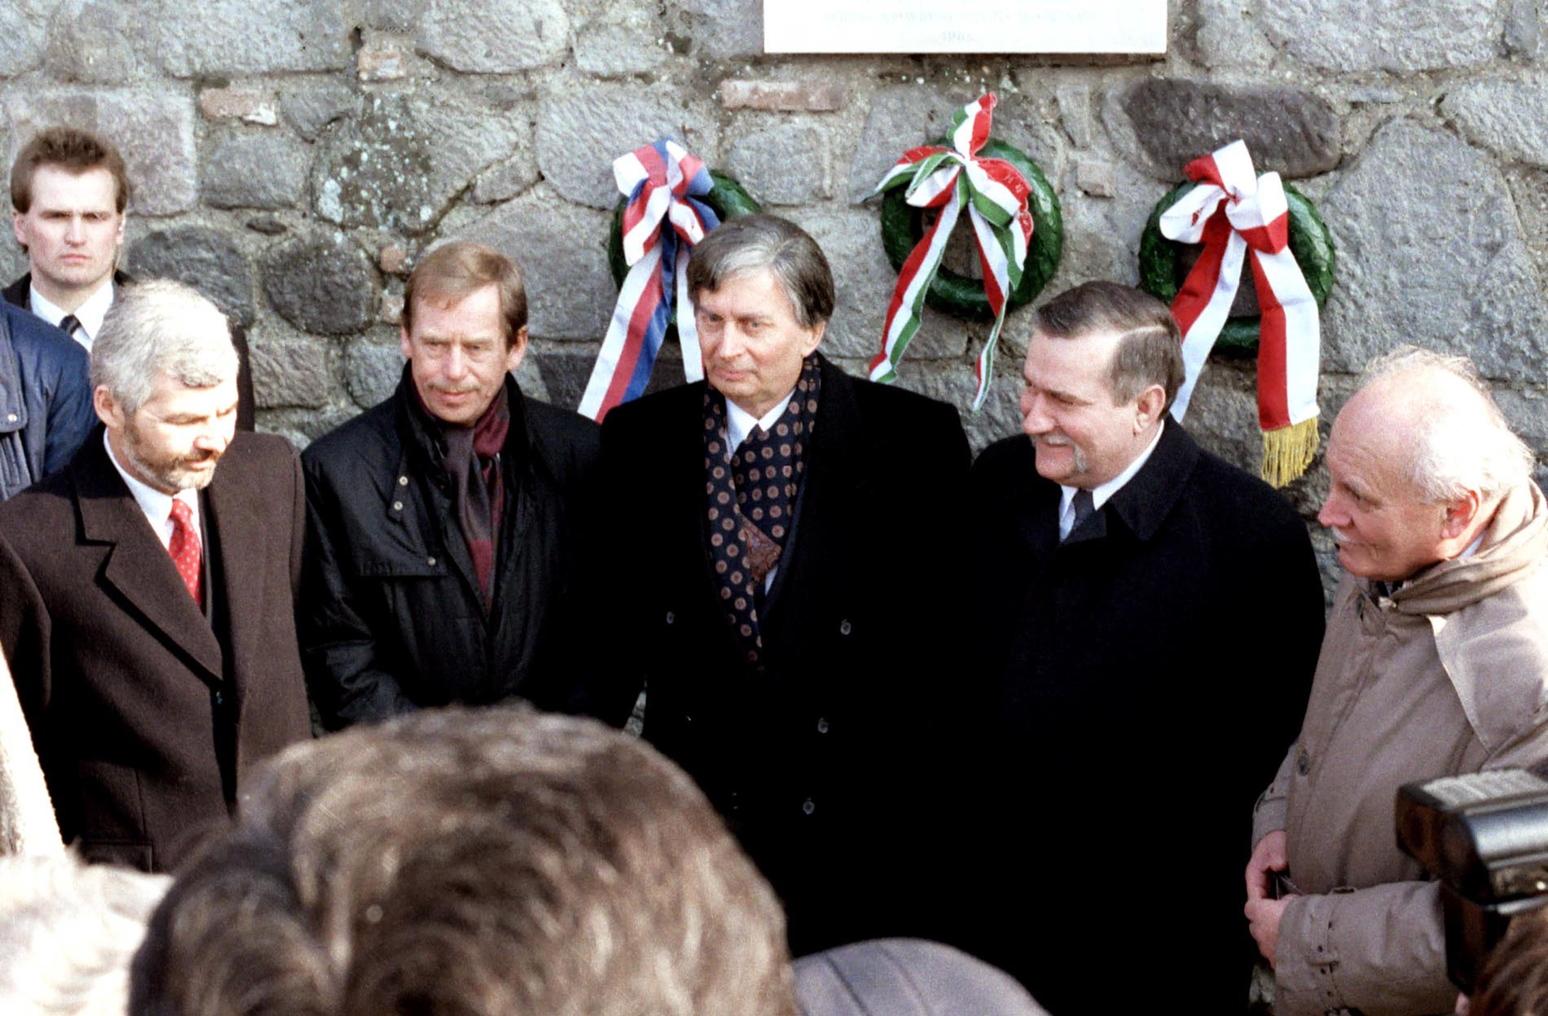 Visegrád, 1991. február 15. Krzysztof Bielecki lengyel miniszterelnök, Václav Havel, a cseh-szlovák tárgyalócsoportot vezető köztársasági elnök, Antall József miniszterelnök, Lech Walesa lengyel államfő és Göncz Árpád köztársasági elnök (b-j), a visegrádi csúcstalálkozón résztvevő állam- és kormányfők az 1335-ös visegrádi magyar-cseh-lengyel királyi kongresszus emlékét megörökítő táblánál. MTI Fotó: Soós Lajos